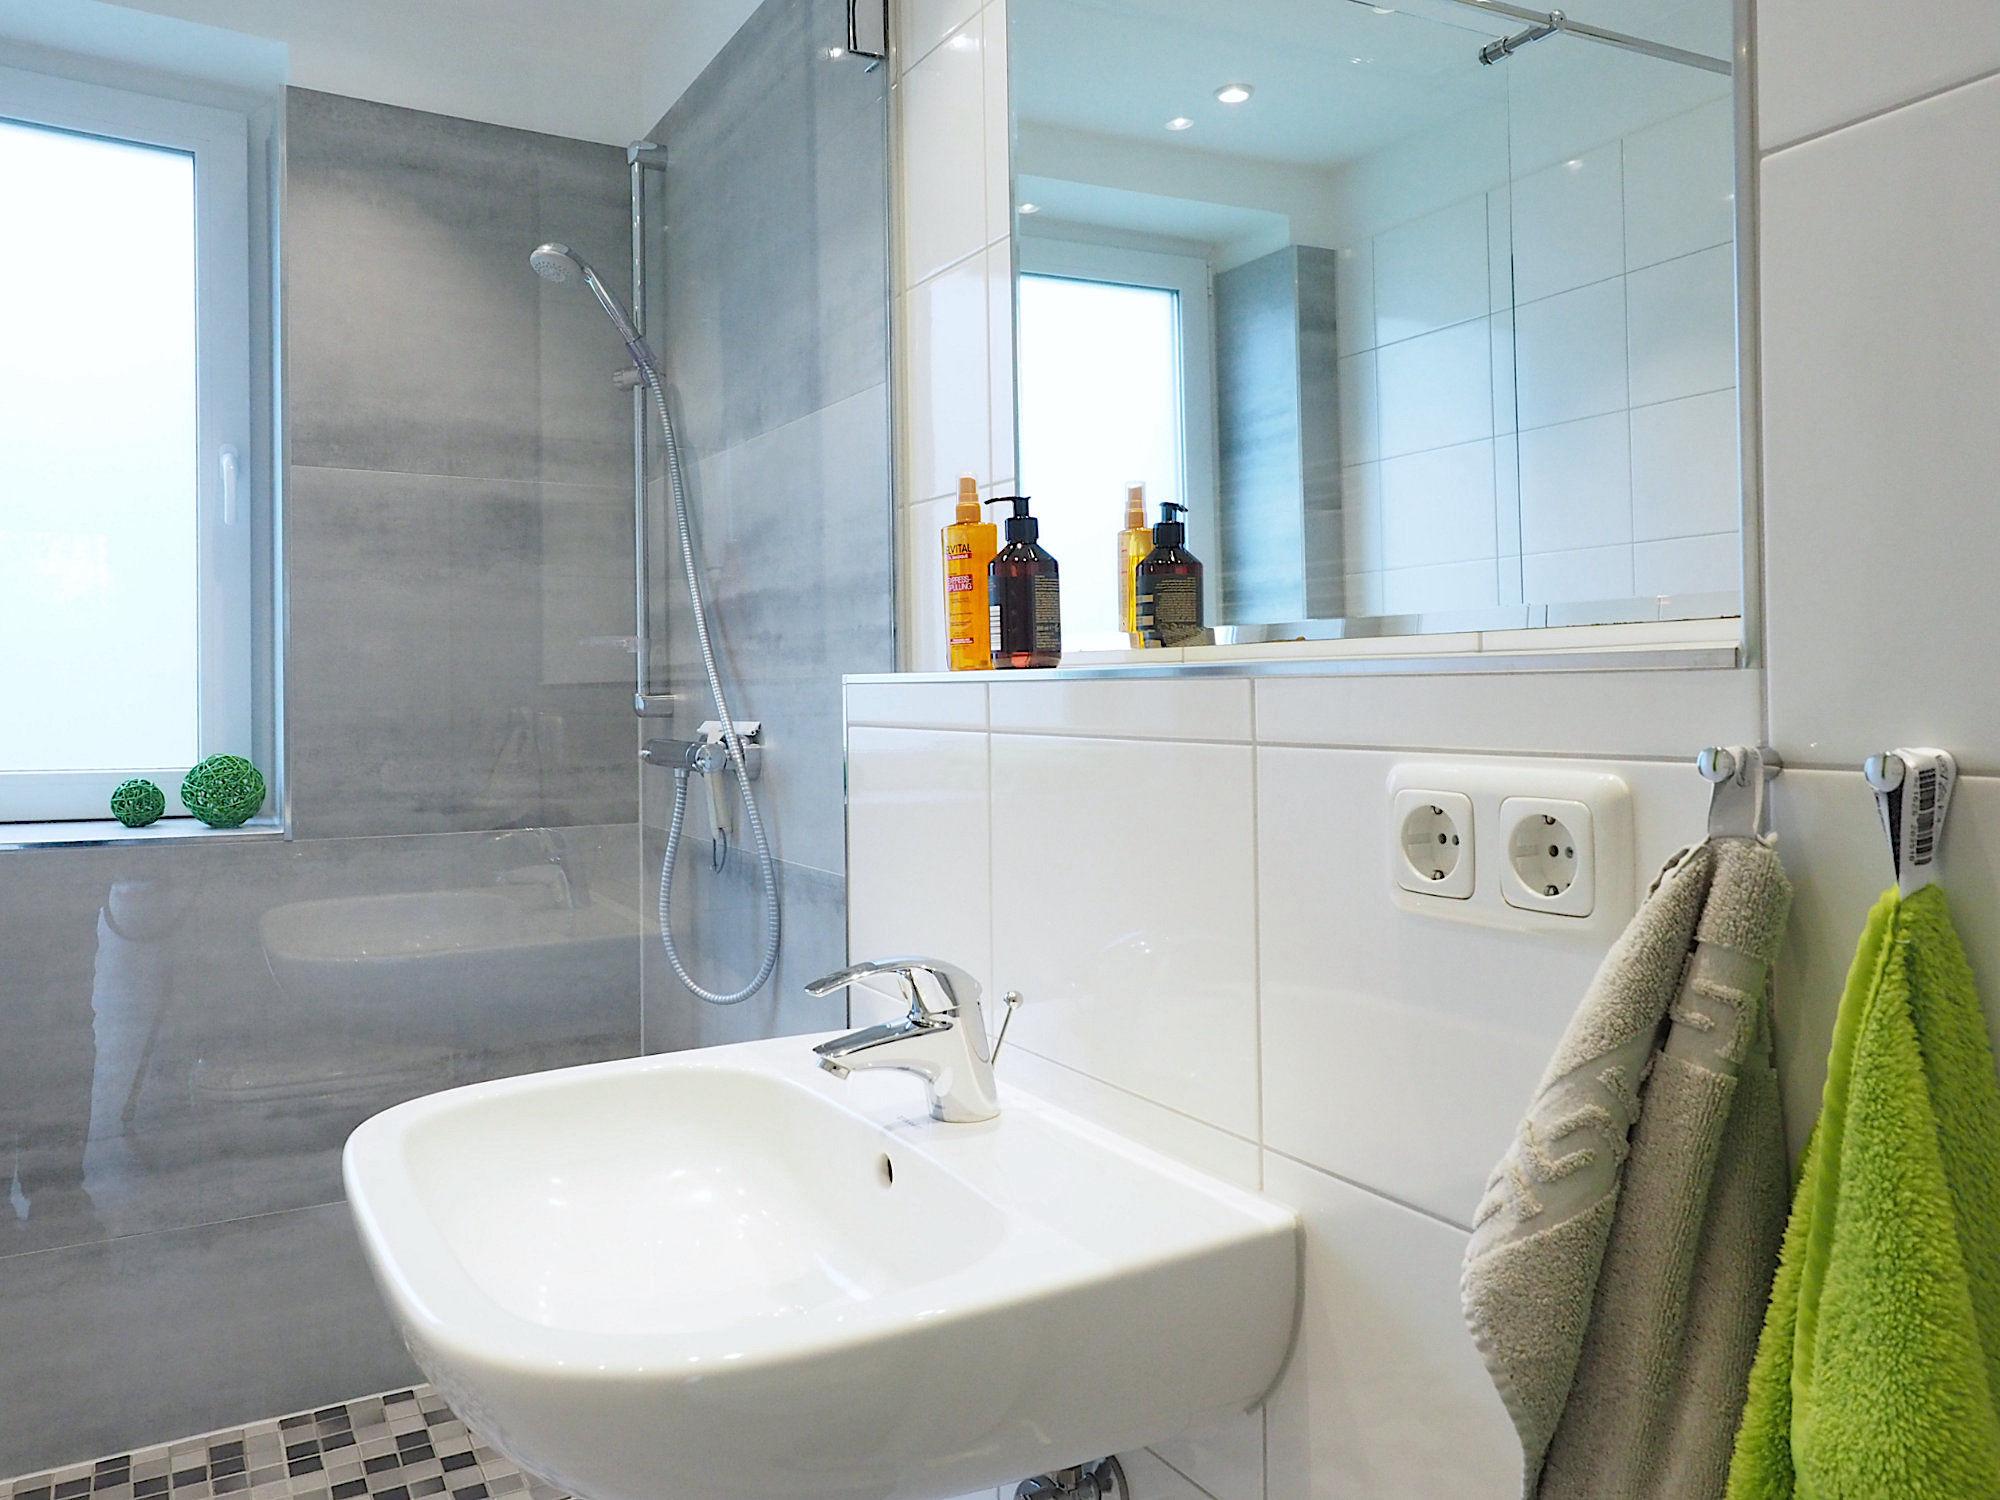 Duschbad: rechts ein Waschbecken mit Spiegel, im Hintergrund eine bodentiefe Dusche mit Glaswand